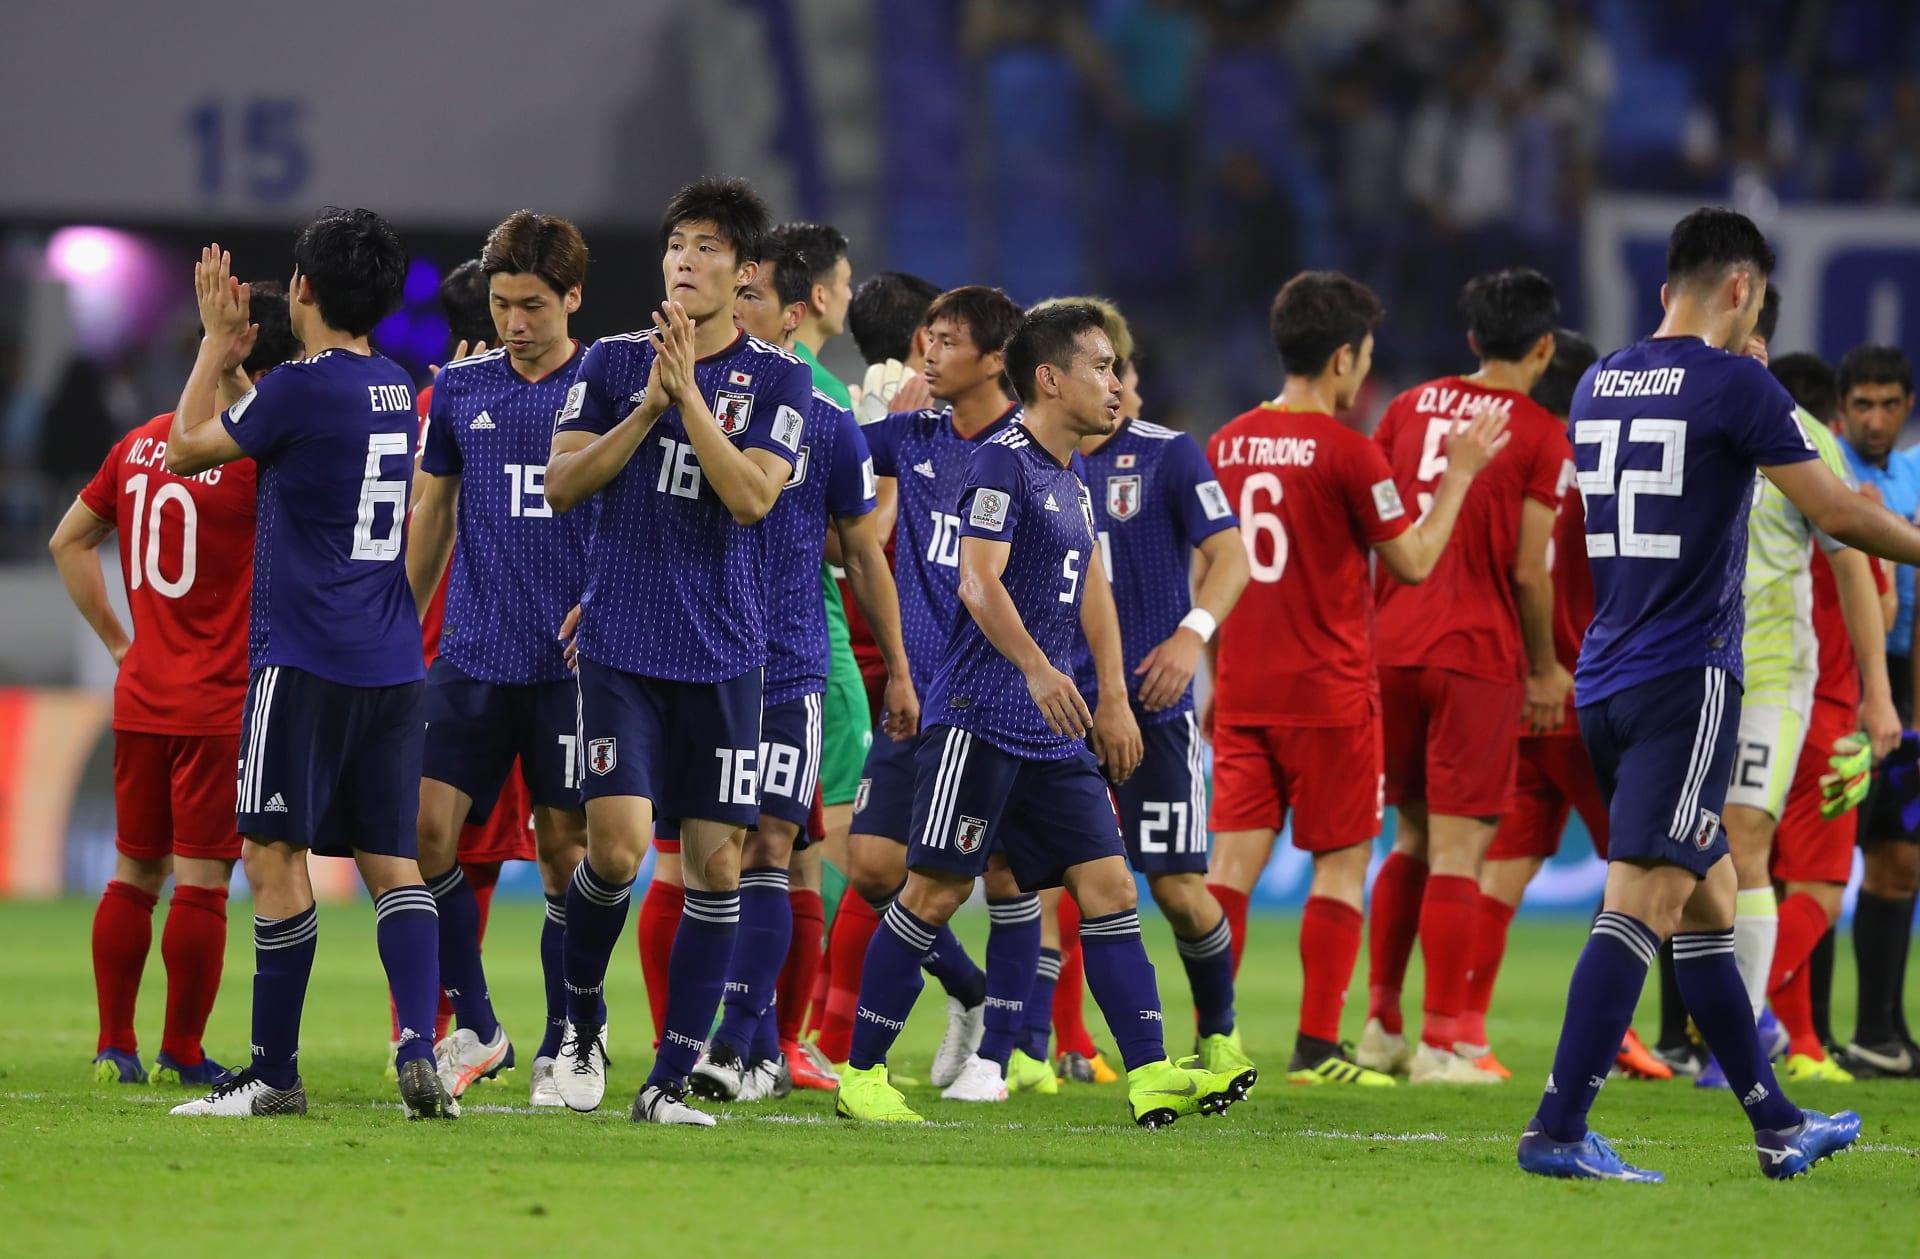 اليابان تفوز على فيتنام وتتأهل لنصف نهائي كأس آسيا